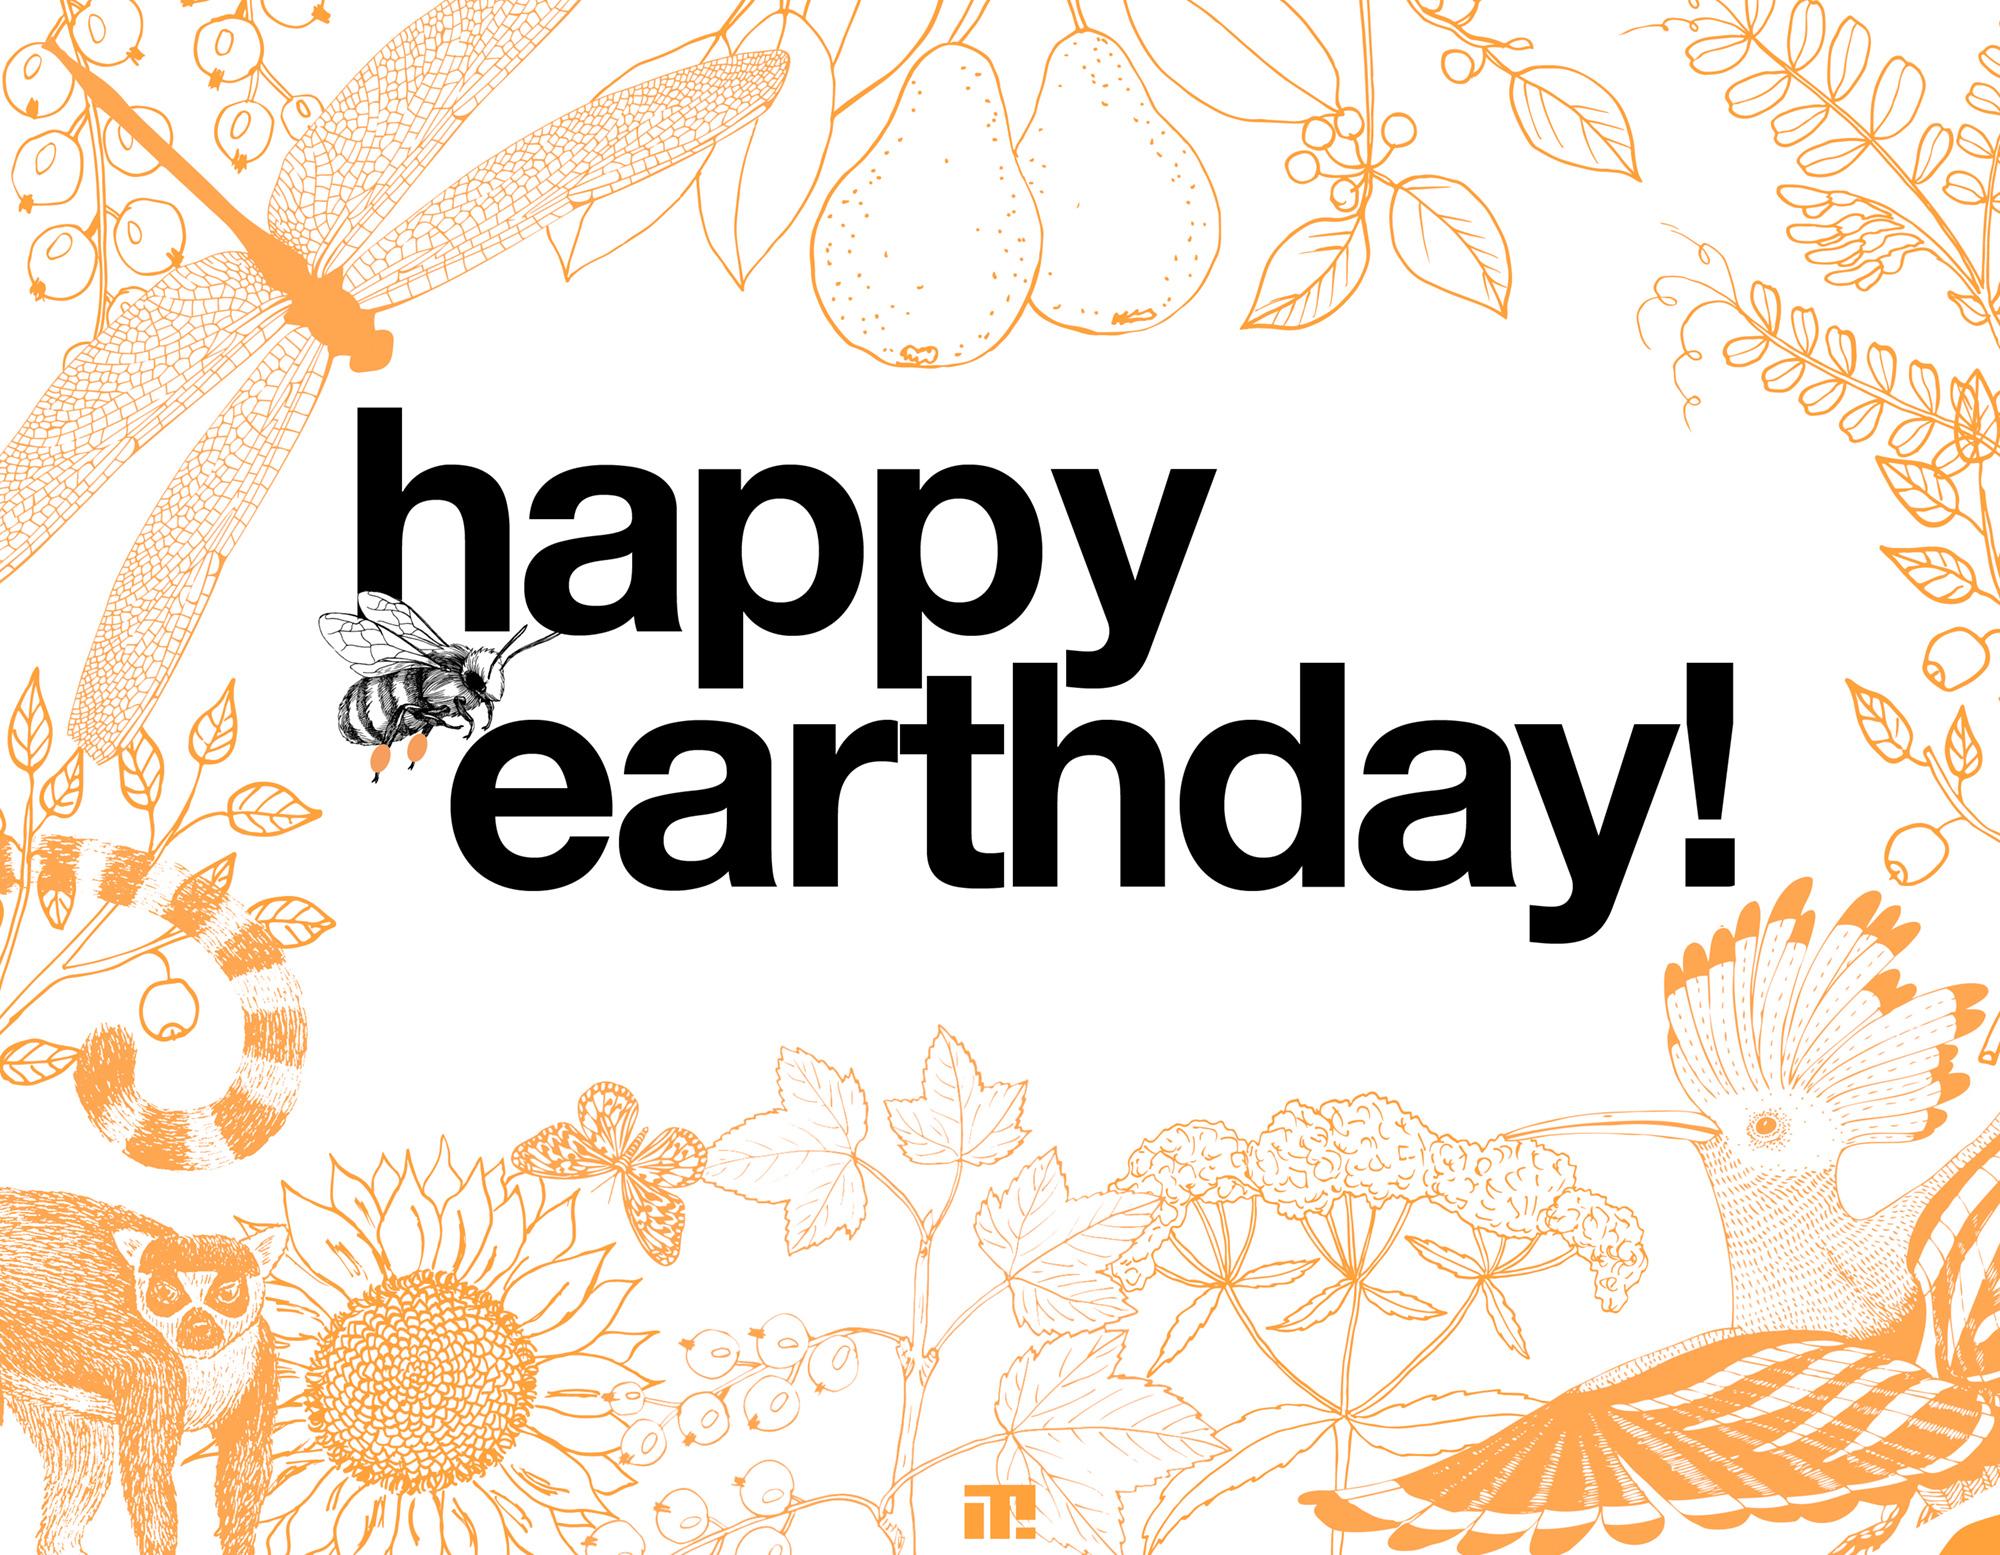 tellit_happy earthday